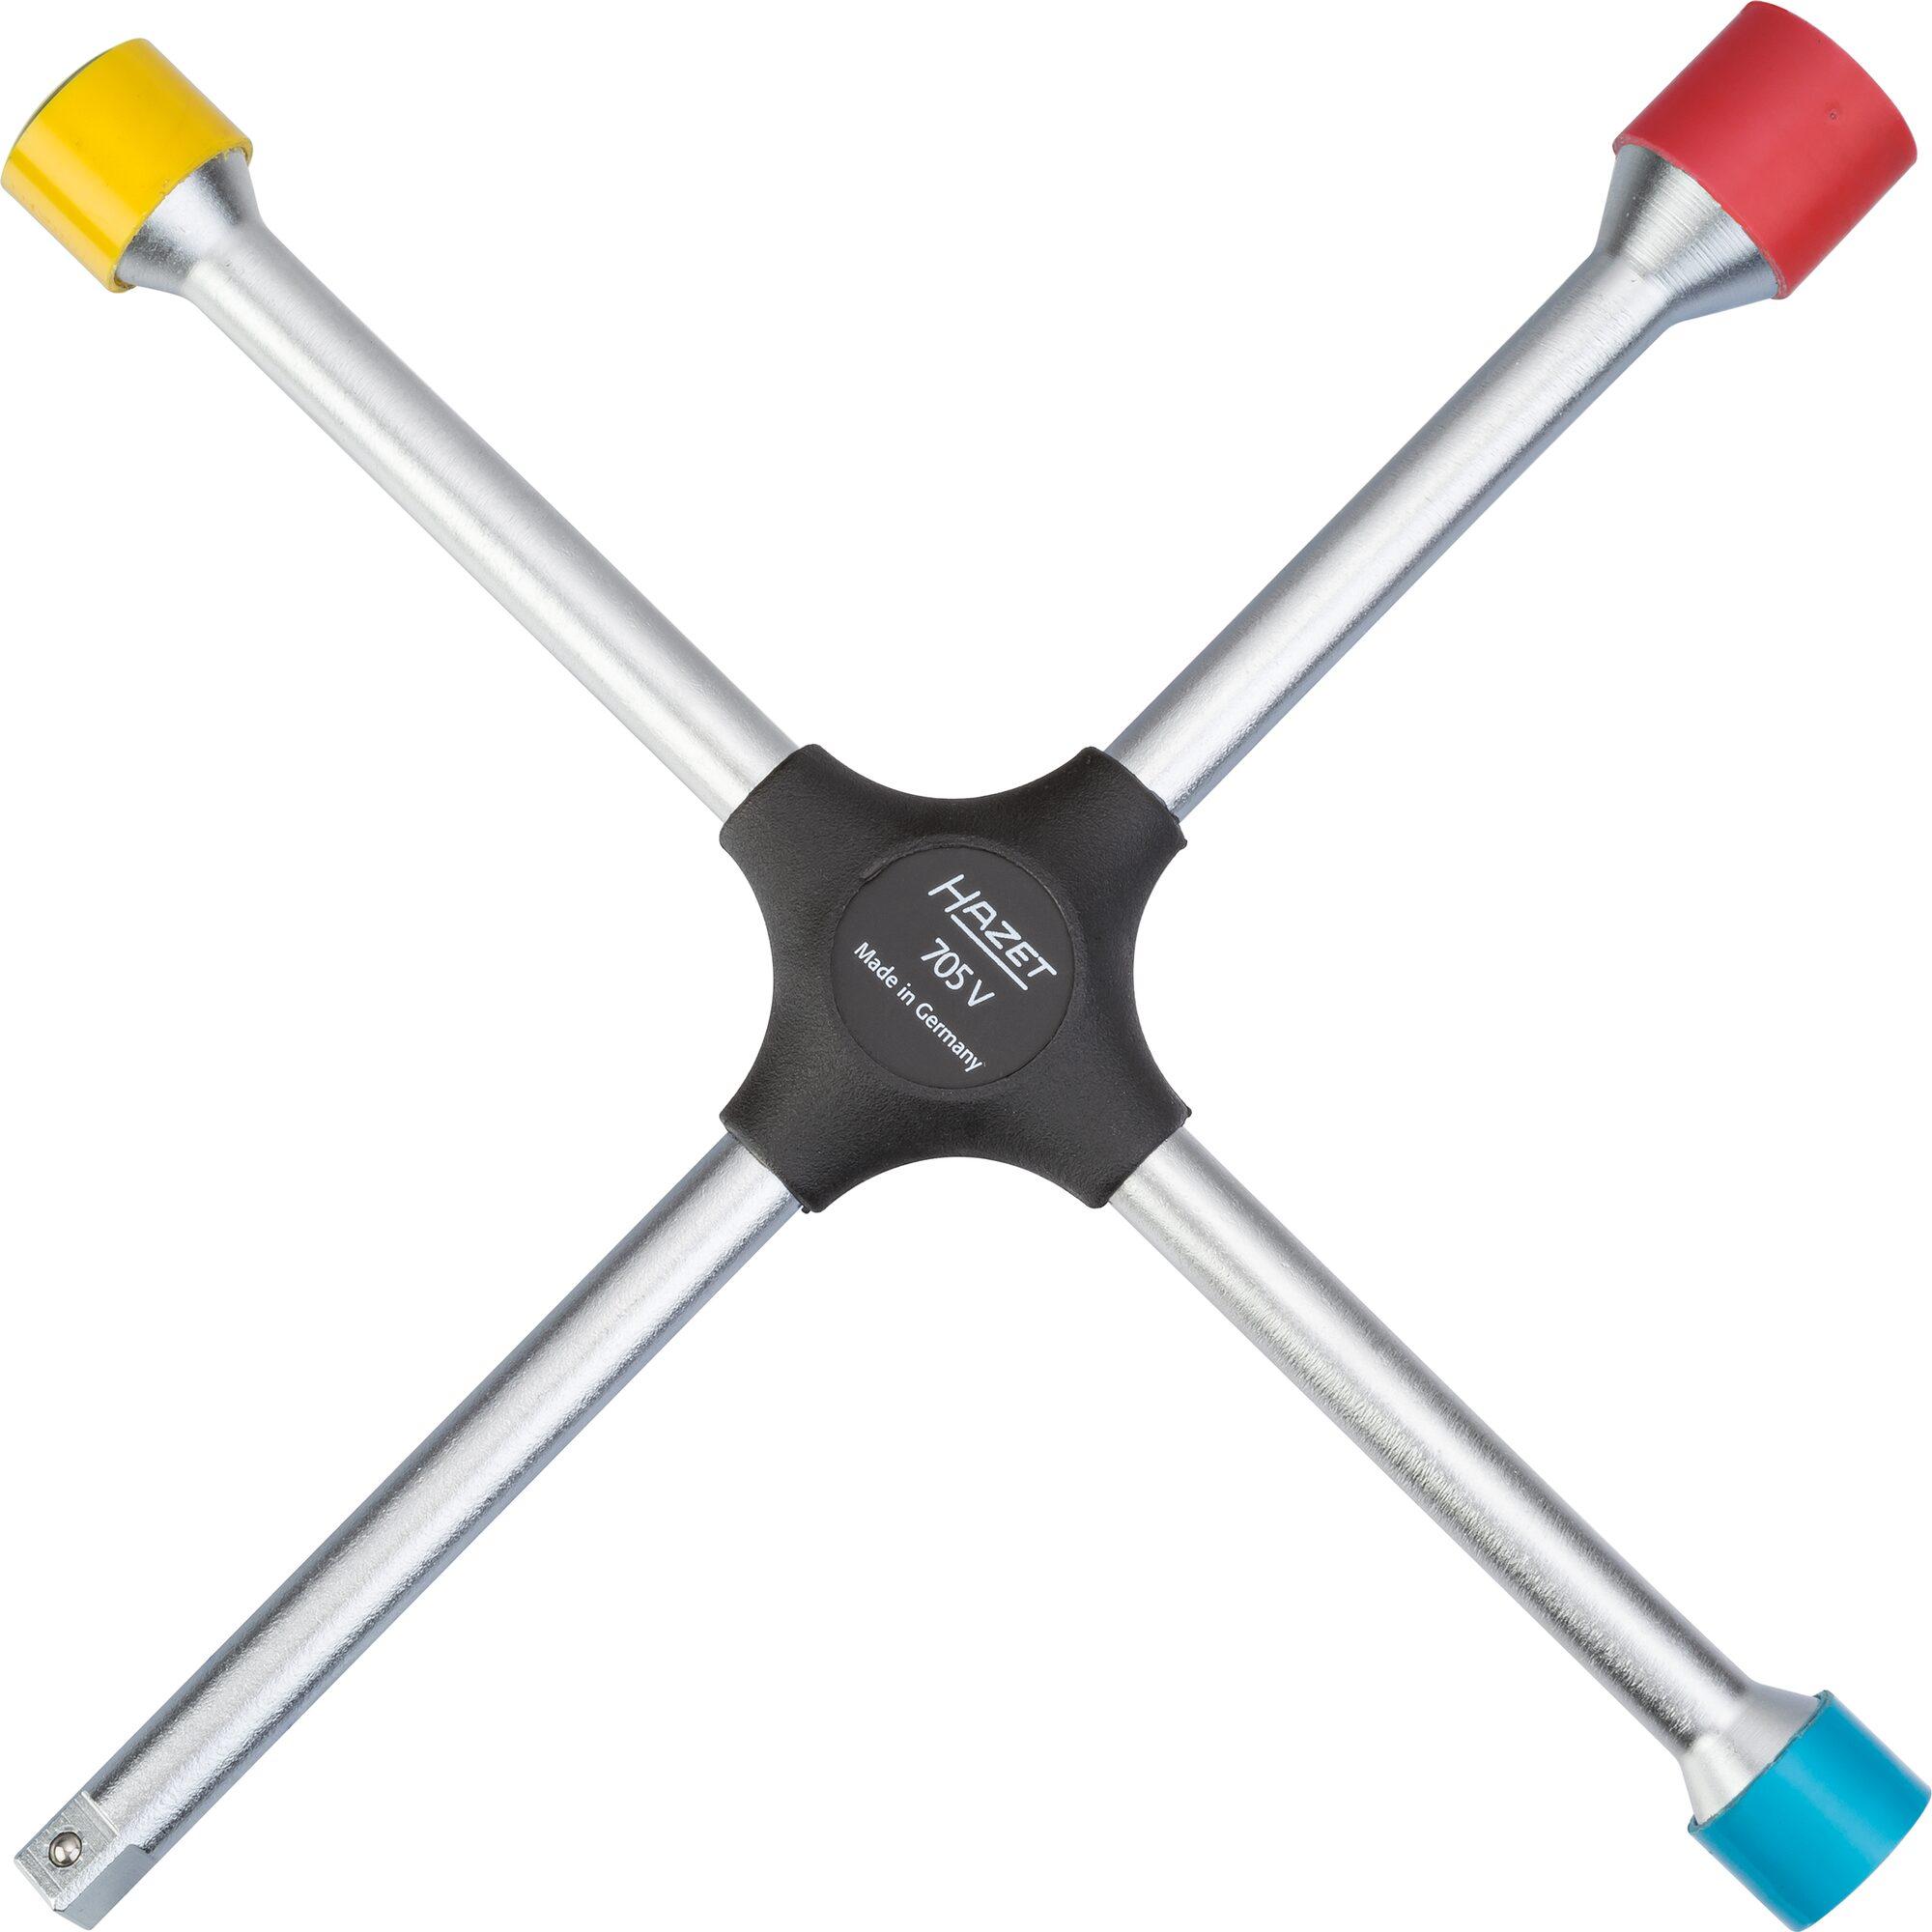 HAZET Kreuzschlüssel 705V ∙ Außen-Sechskant Profil ∙ 17x19x21xAußenvierkant Antrieb 12,5 = 1/2 Zoll mm